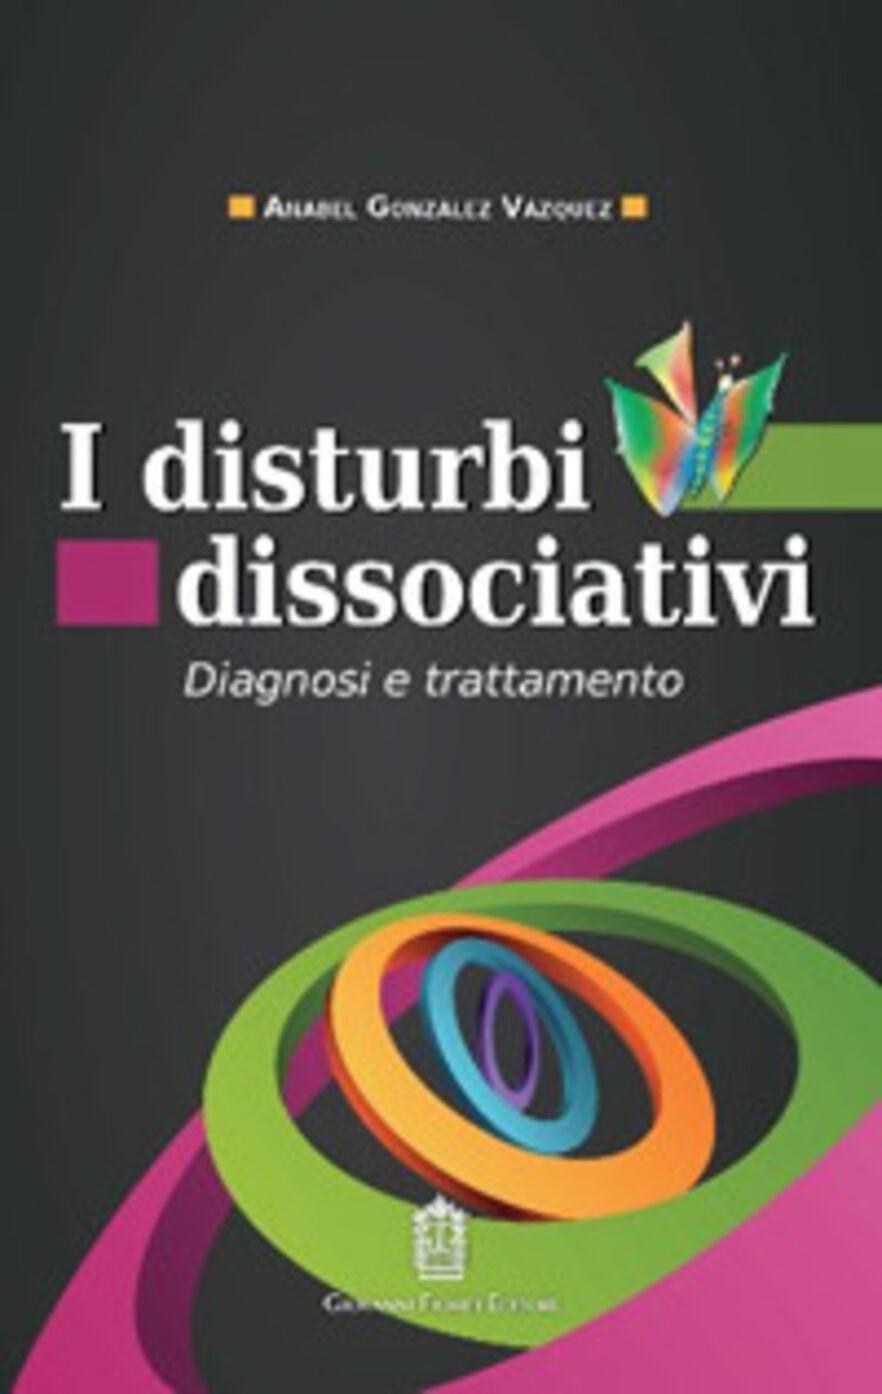 I disturbi dissociativi. Diagnosi e trattamento